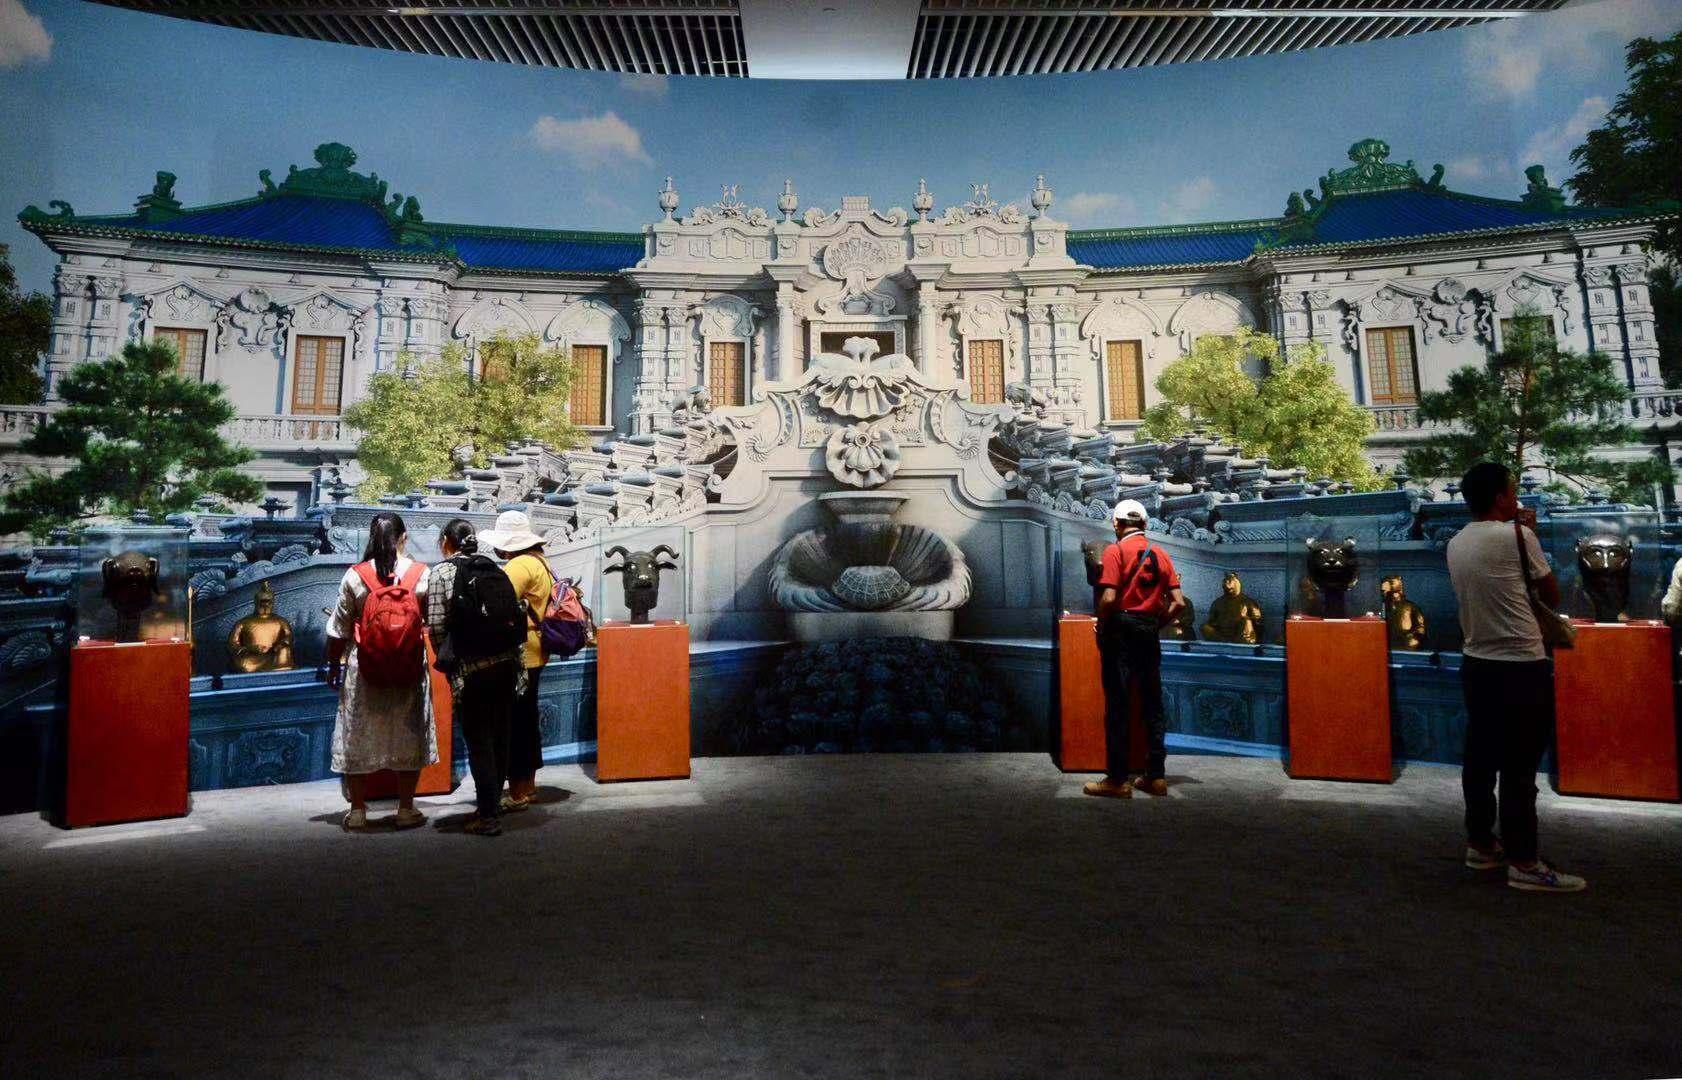 6只圆明园兽首现身此次展览,它们分别是通过竞拍、捐赠和外国友人返还等方式回国的。摄影/新京报记者 浦峰